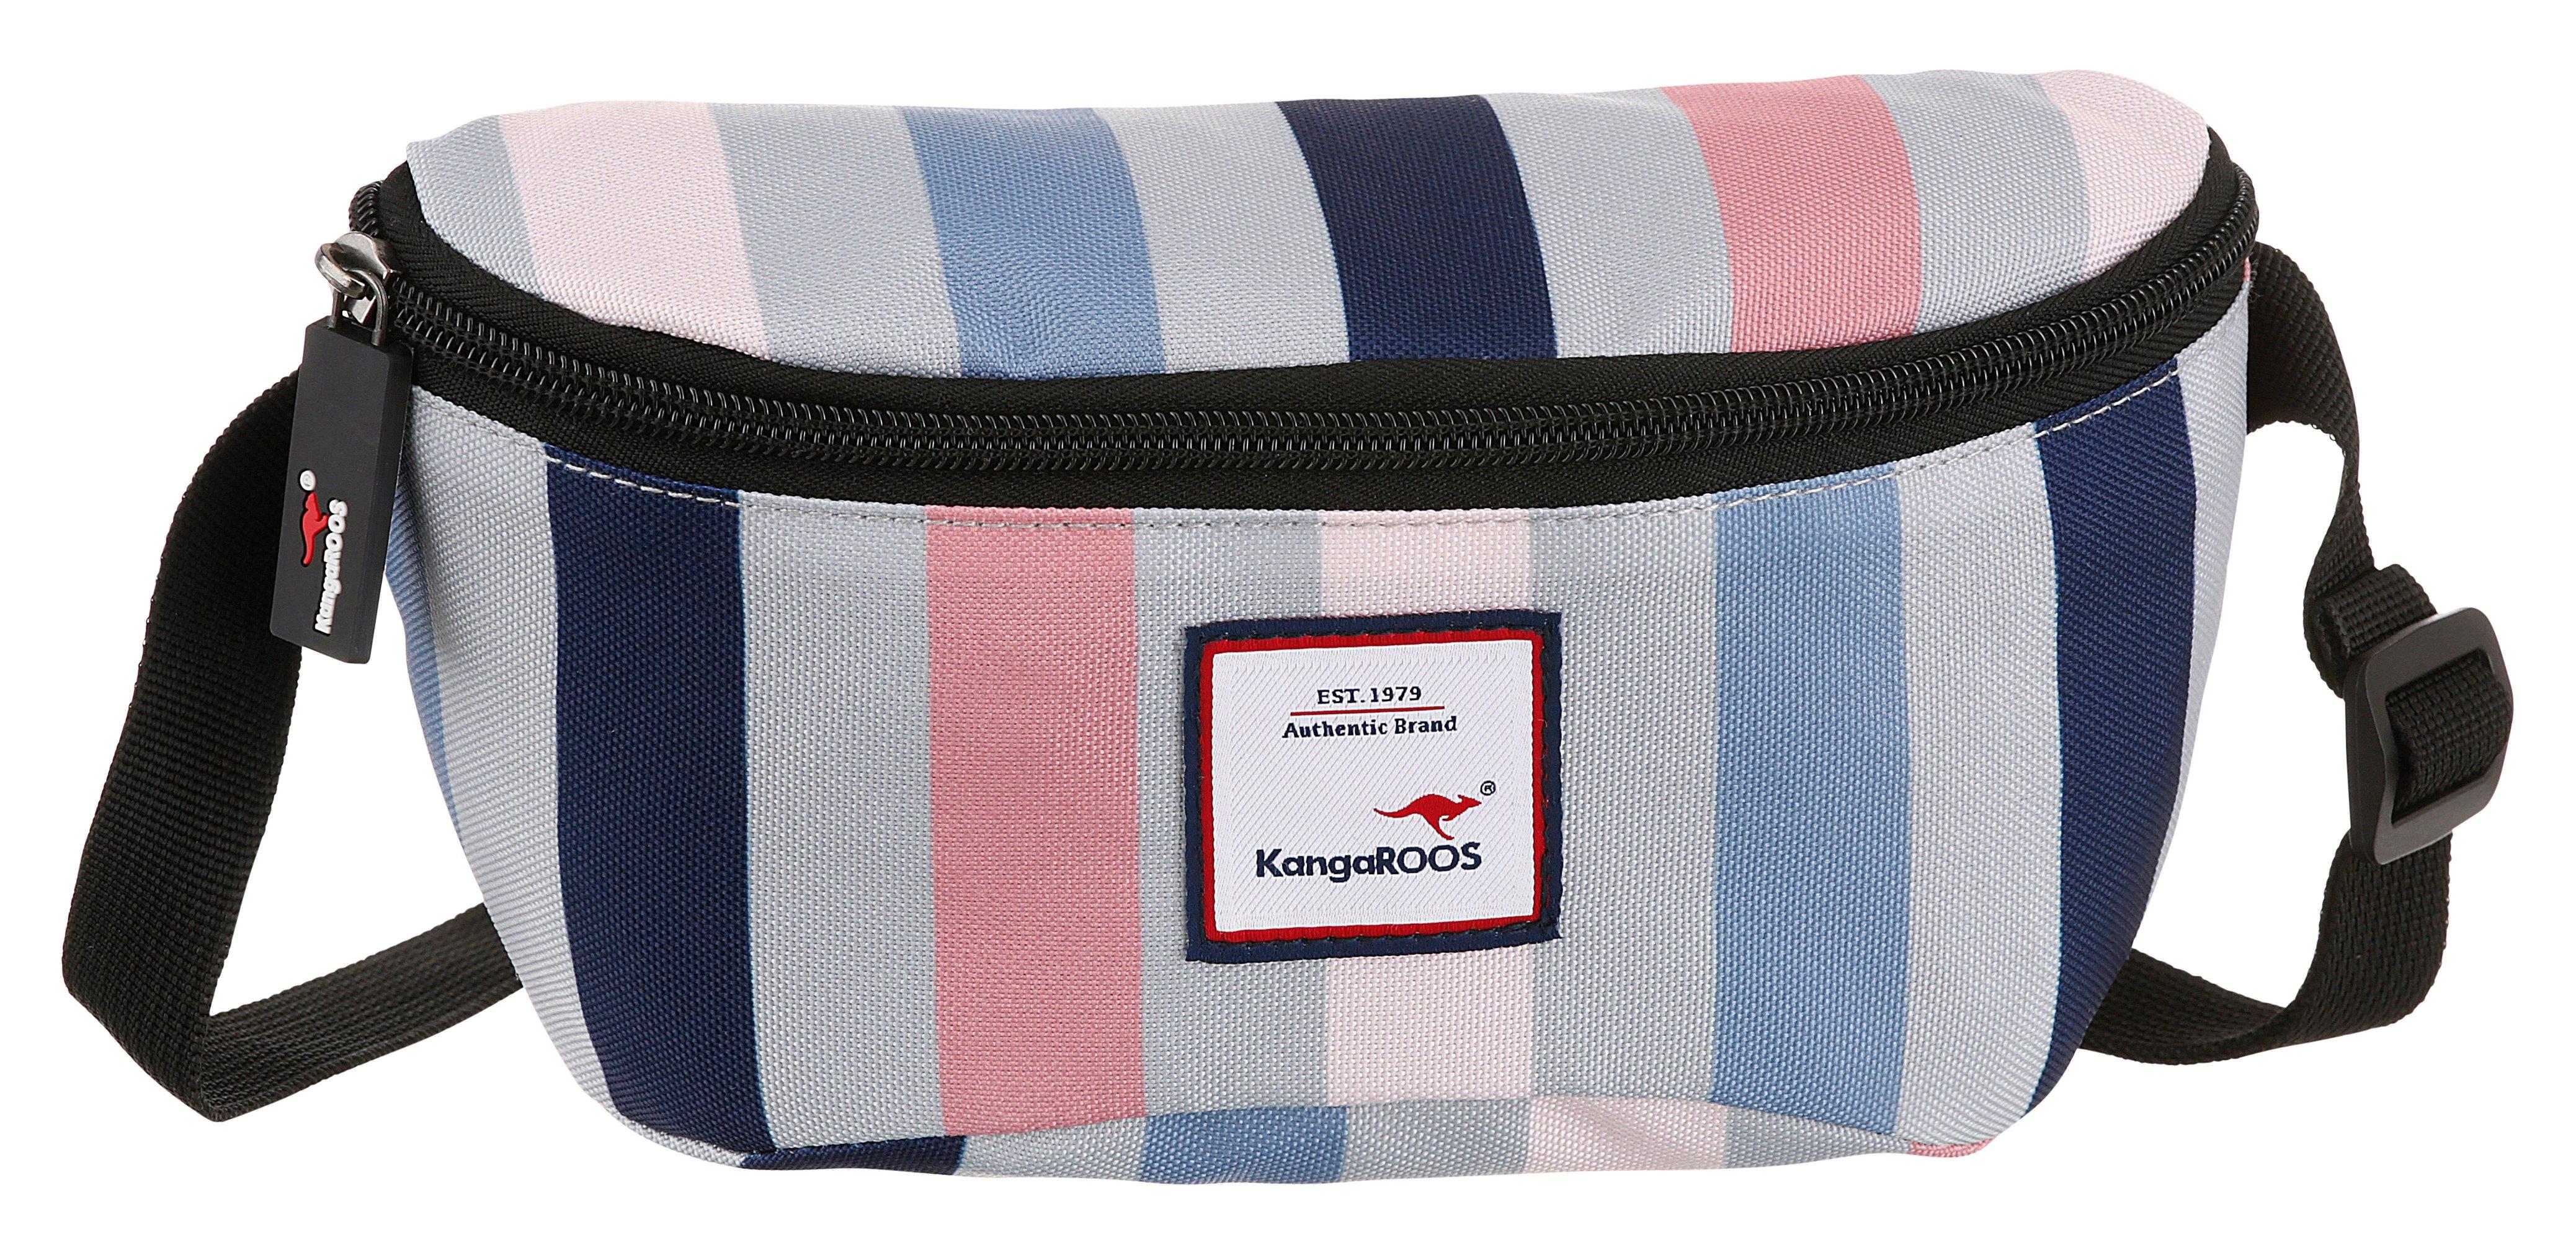 KangaROOS buiktasje met praktisch ritsvak achter nu online kopen bij OTTO